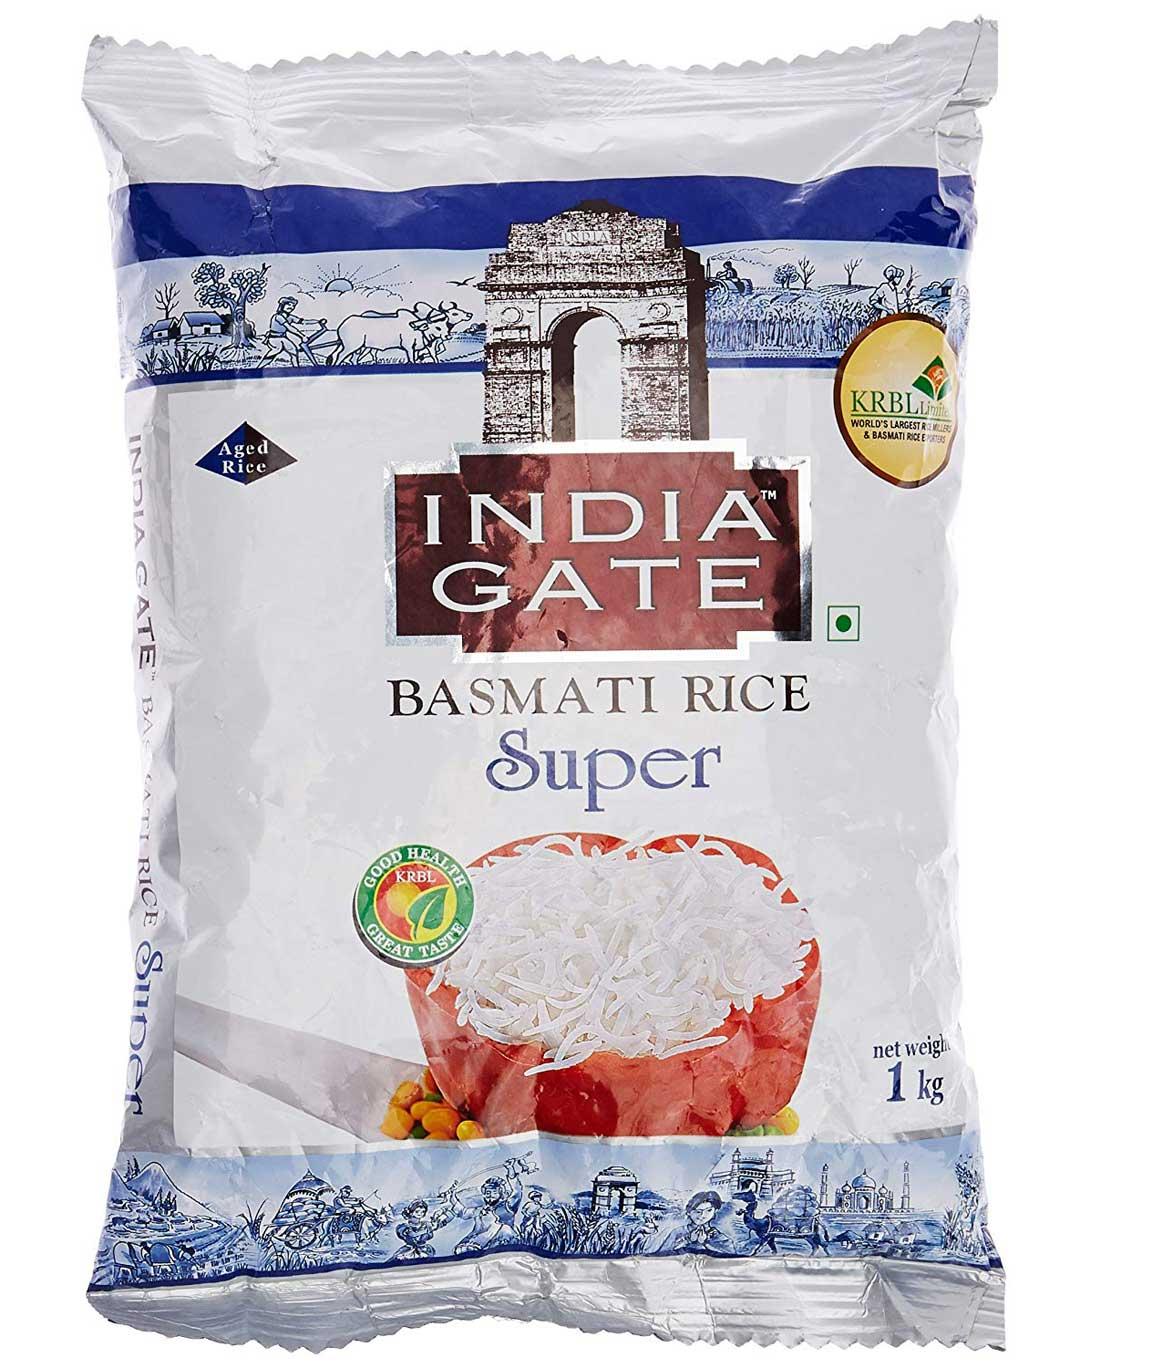 India Gate Basmati Rice Super, 1kg